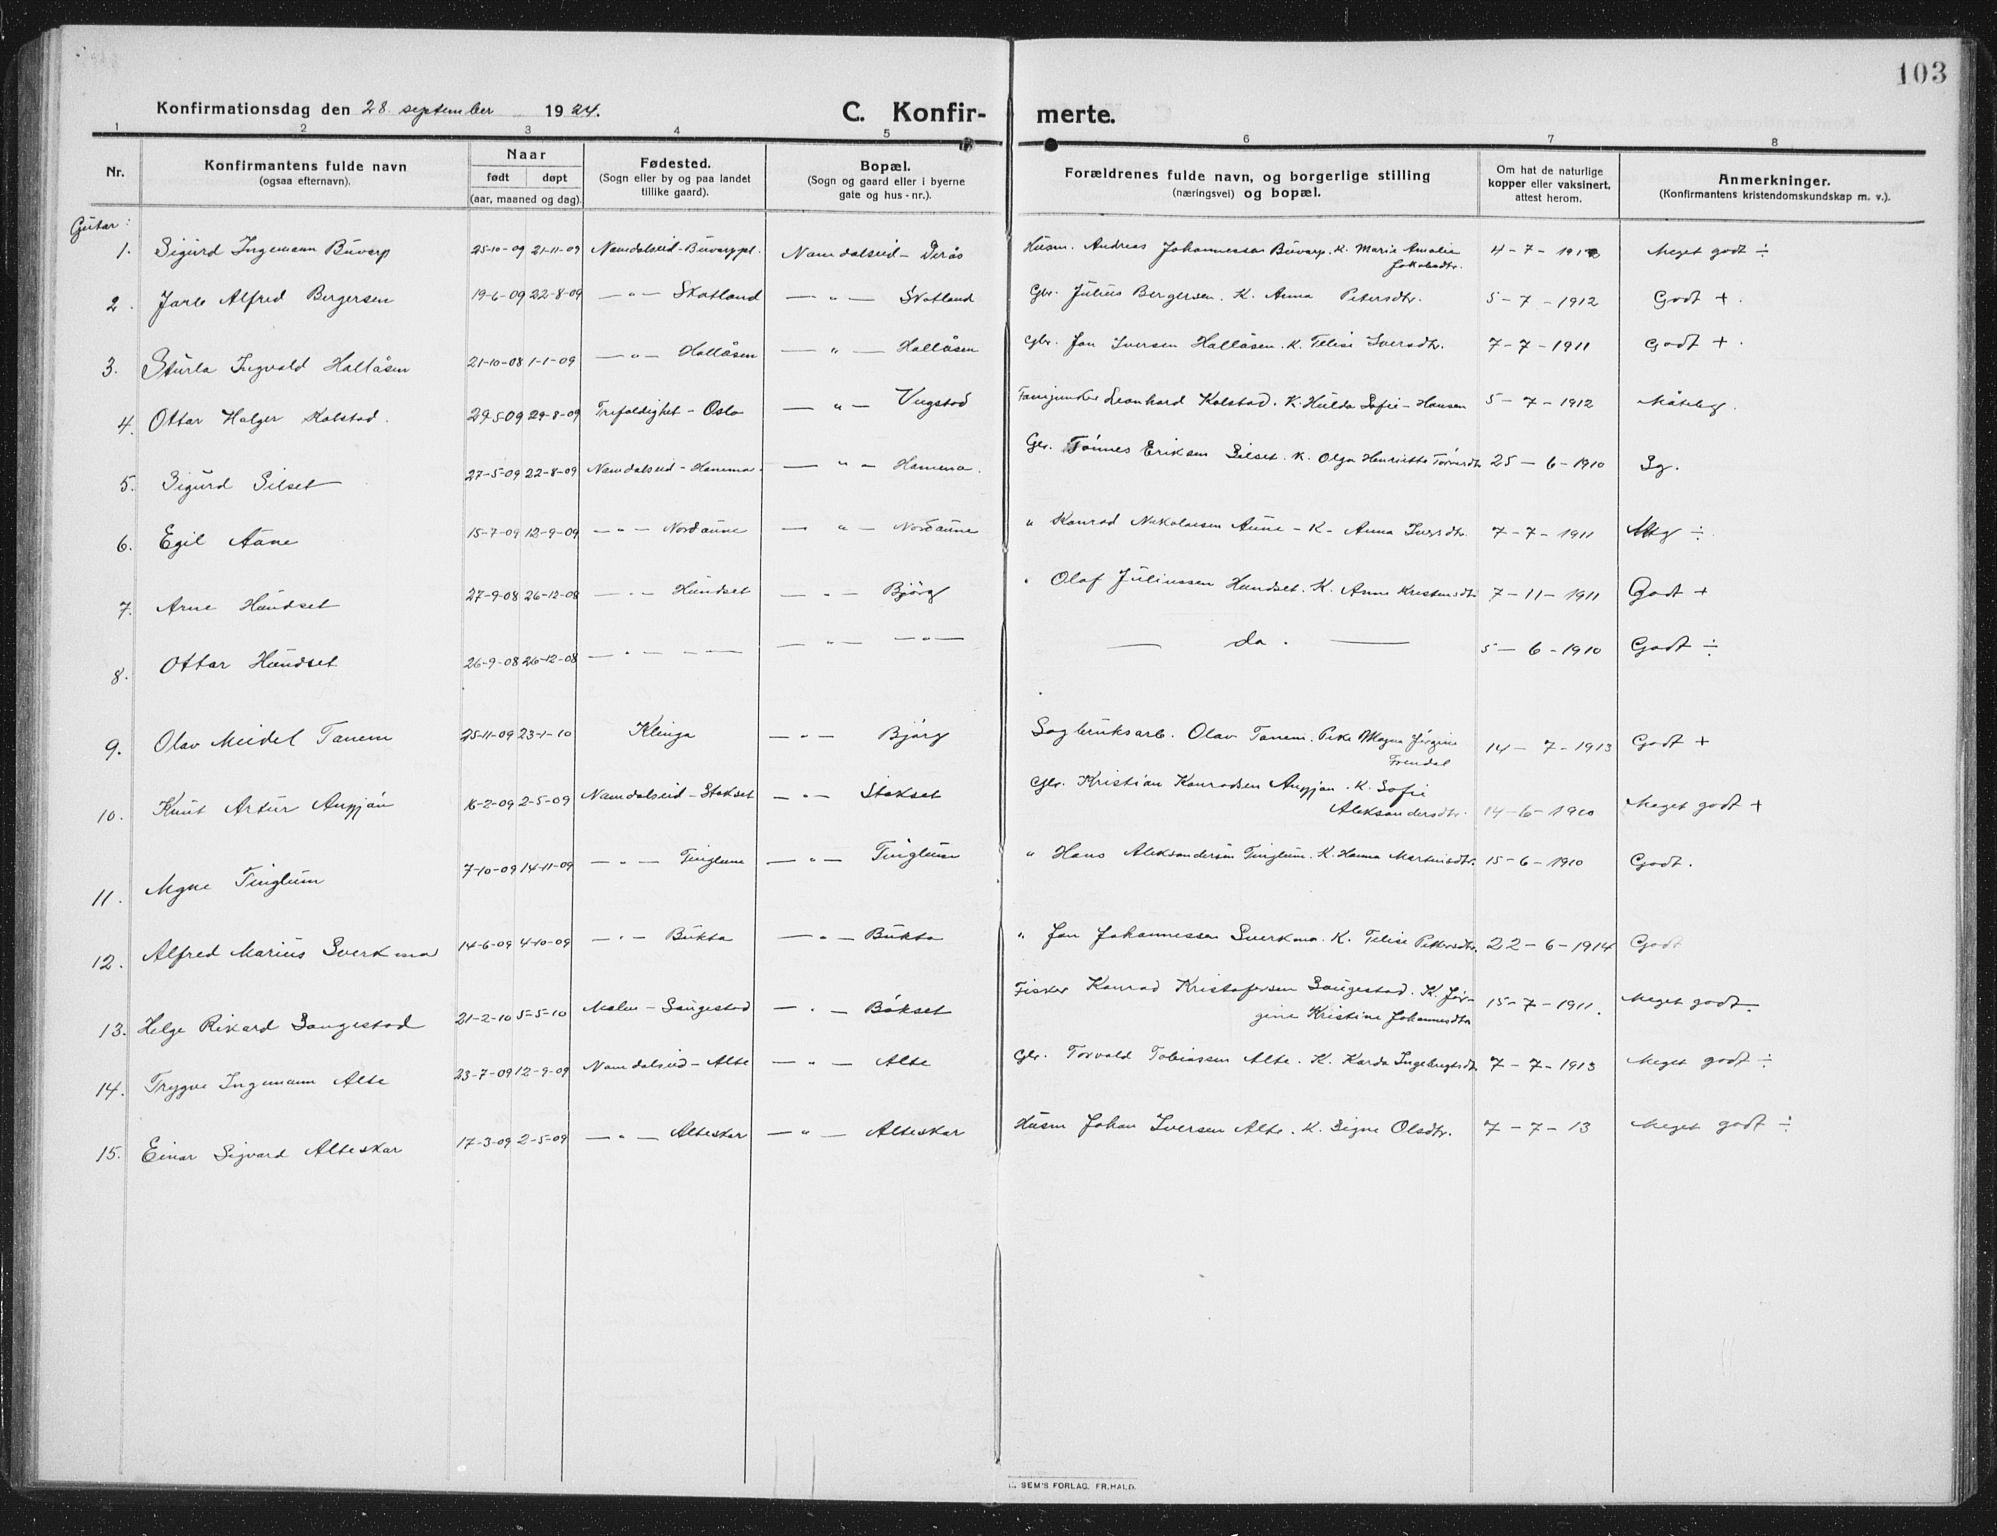 SAT, Ministerialprotokoller, klokkerbøker og fødselsregistre - Nord-Trøndelag, 742/L0413: Klokkerbok nr. 742C04, 1911-1938, s. 103